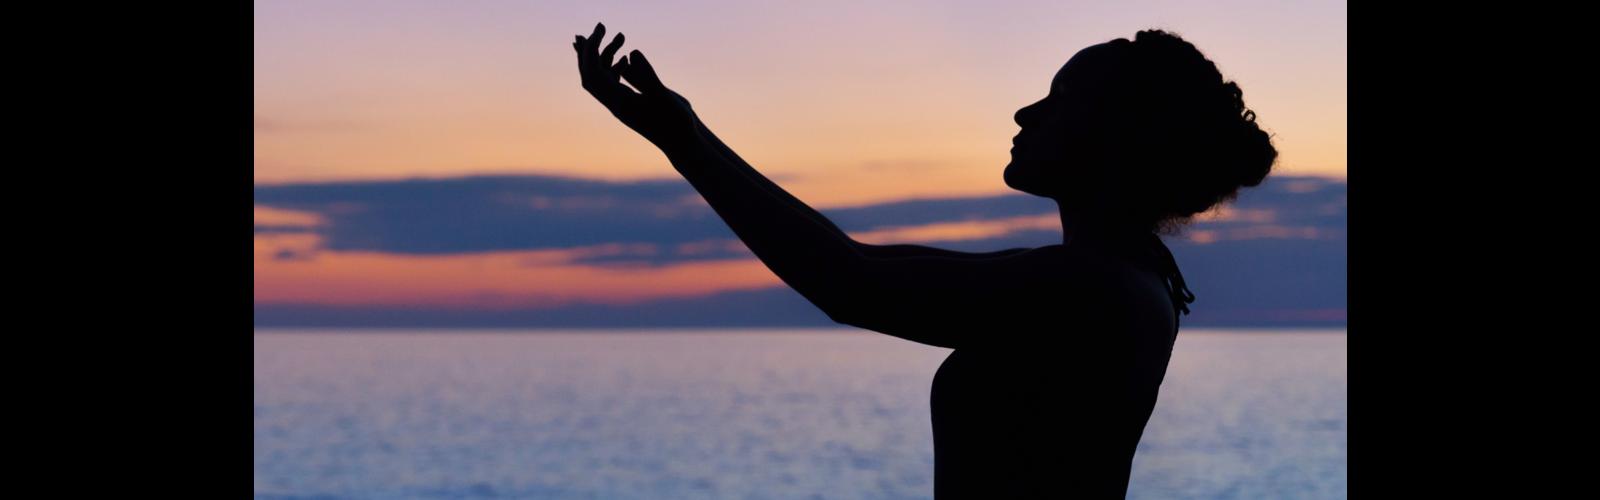 Woman Worshipping at Sunset - Ocean - Spirit - Spiritual